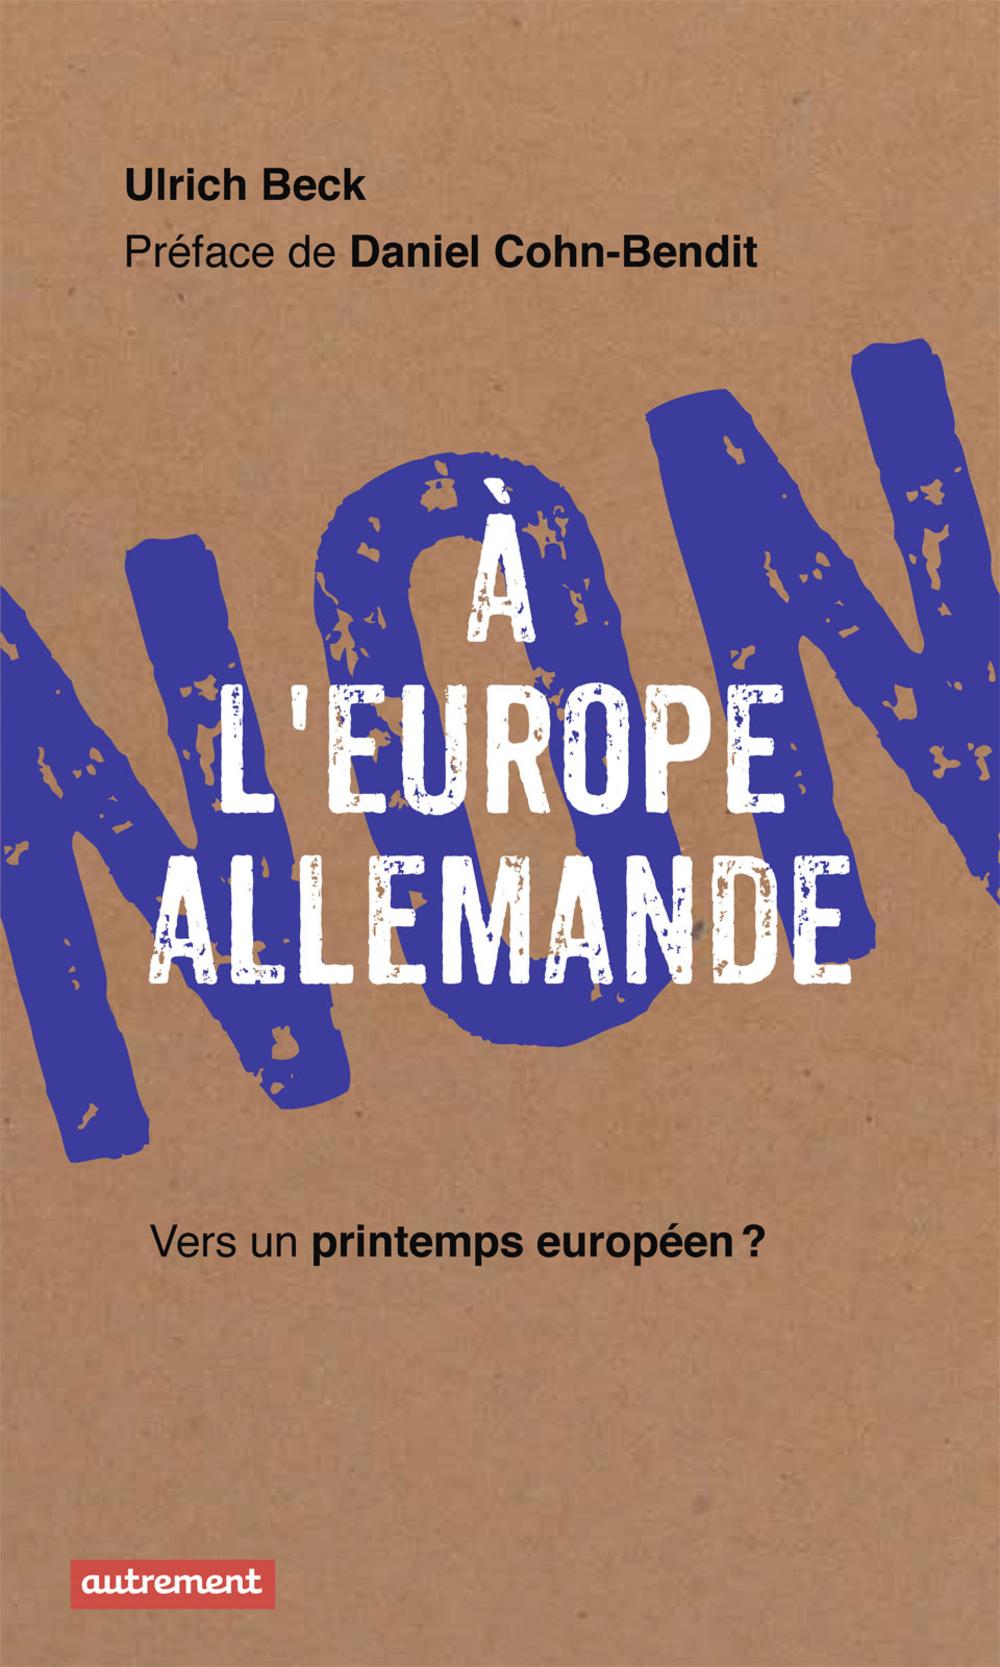 Non à l'Europe allemande, VERS UN PRINTEMPS EUROPÉEN ?